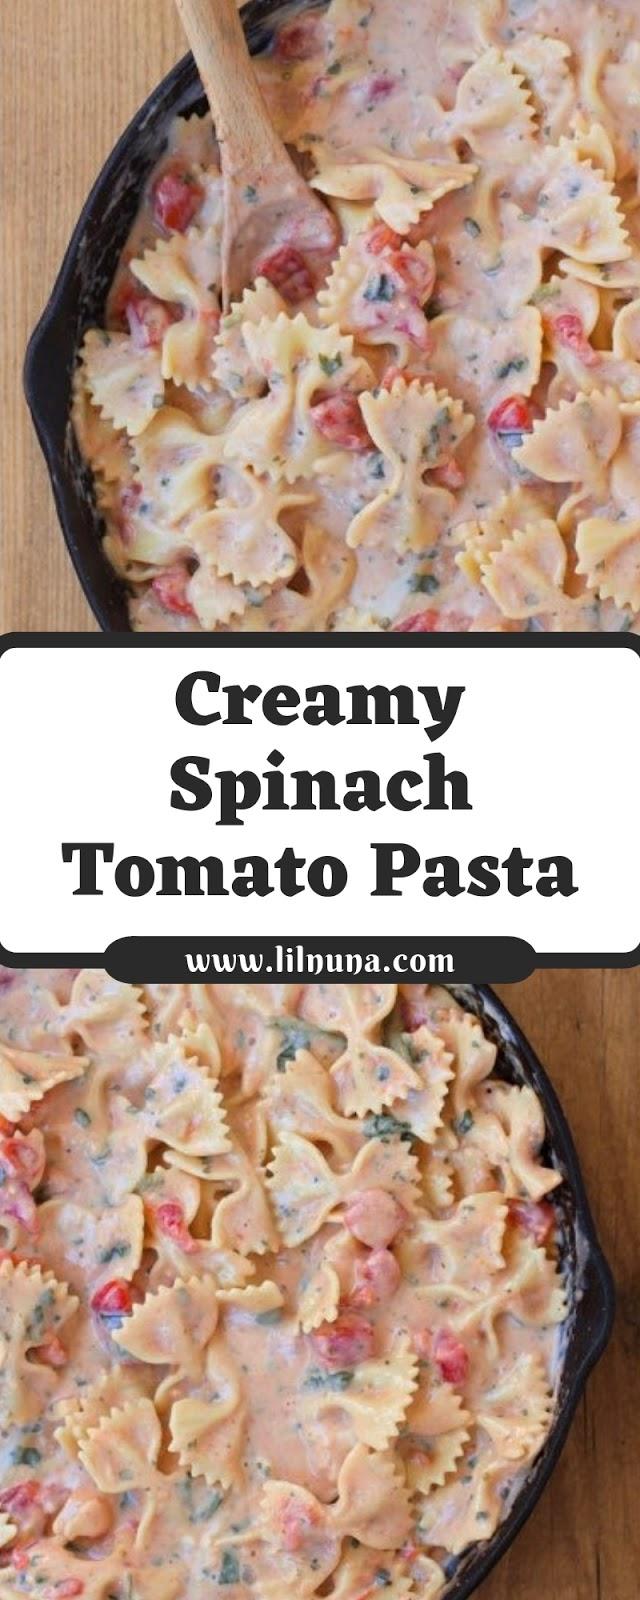 Creamy Spinach Tomato Pasta